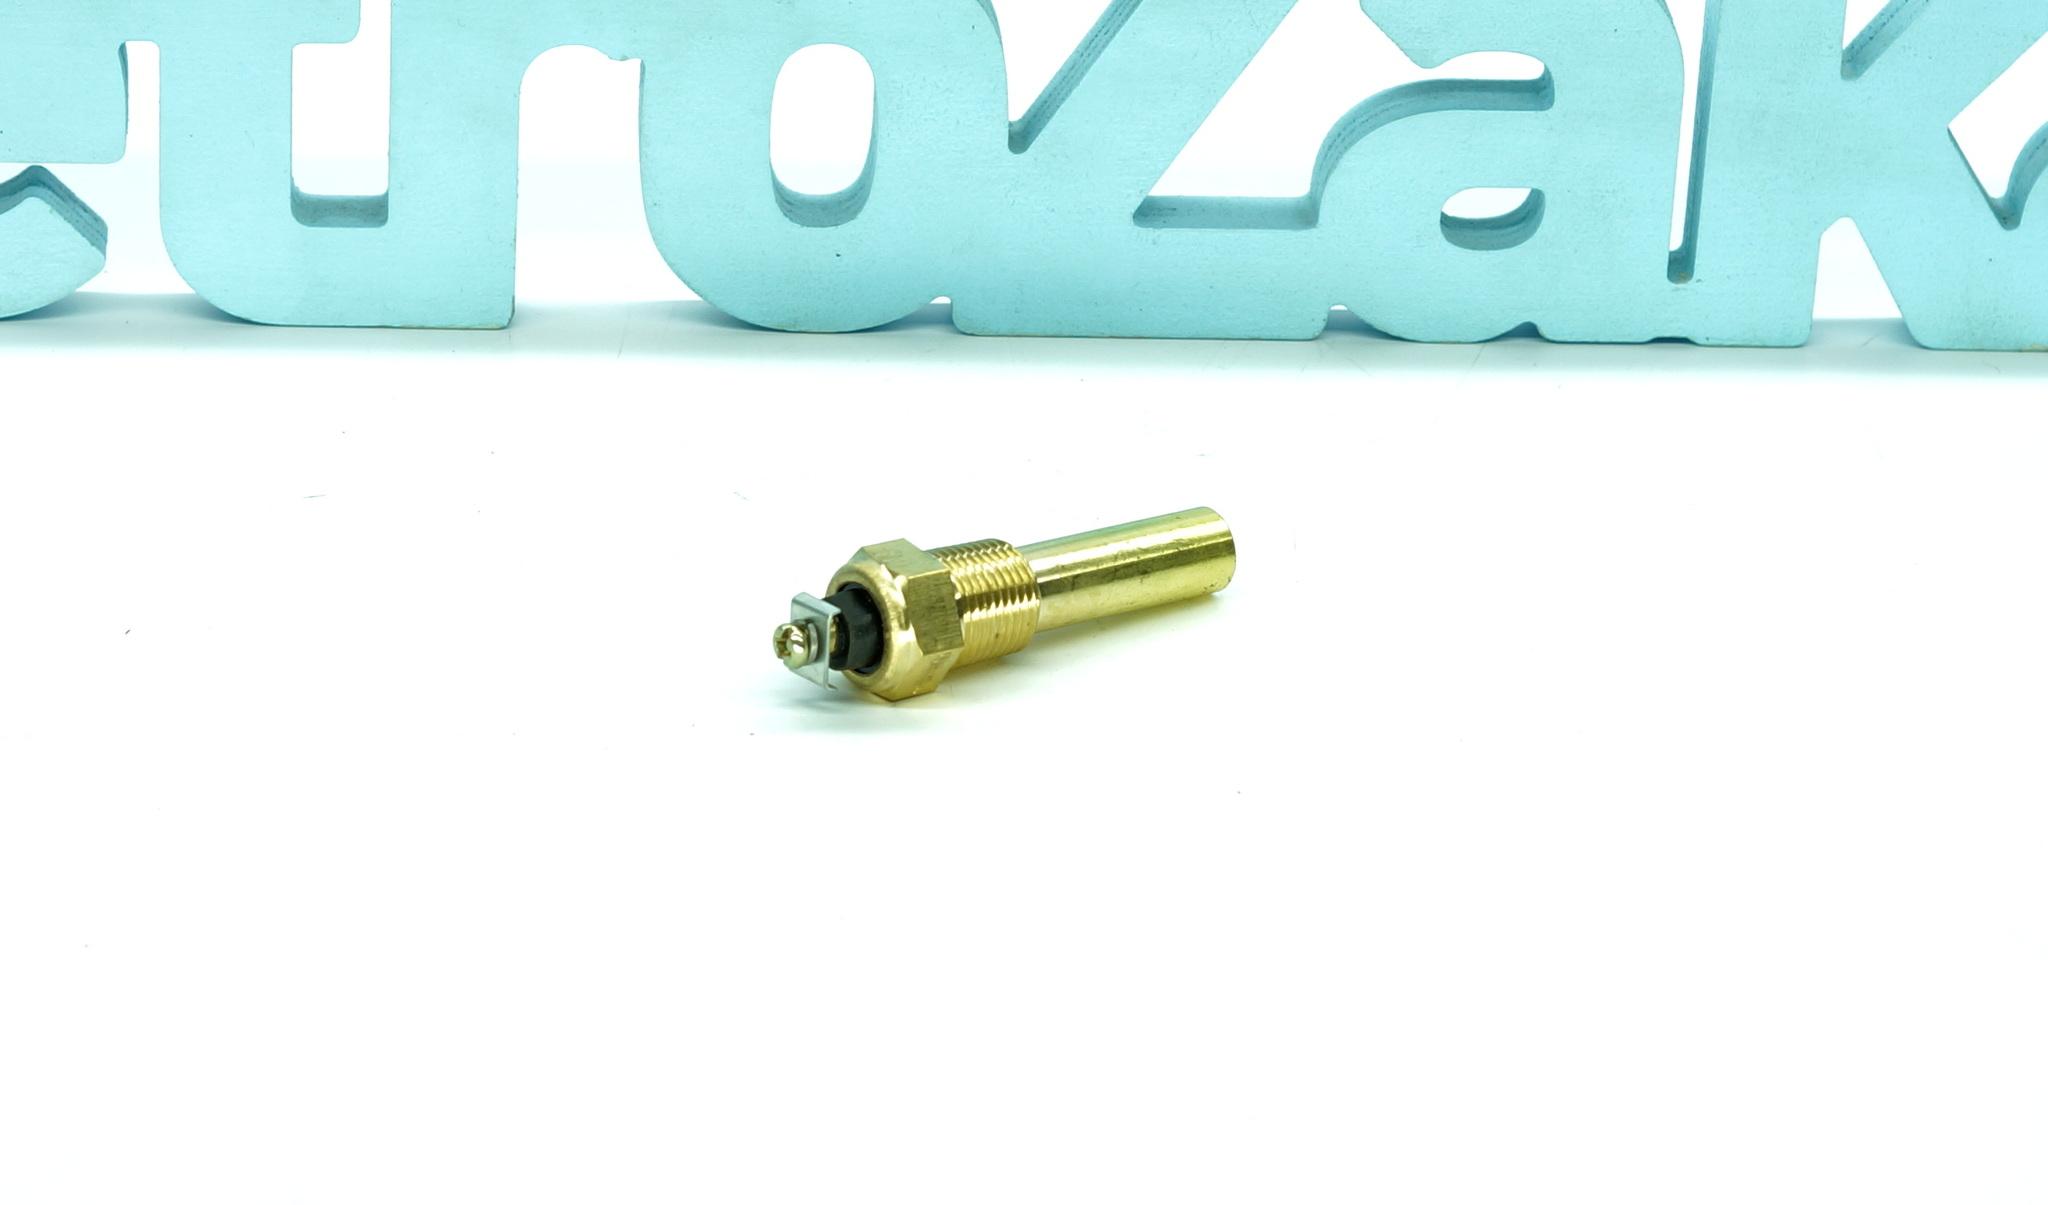 Датчик температуры измерительный ТМ 101 для ГАЗ, Москвич, ЗАЗ, УАЗ, ВАЗ